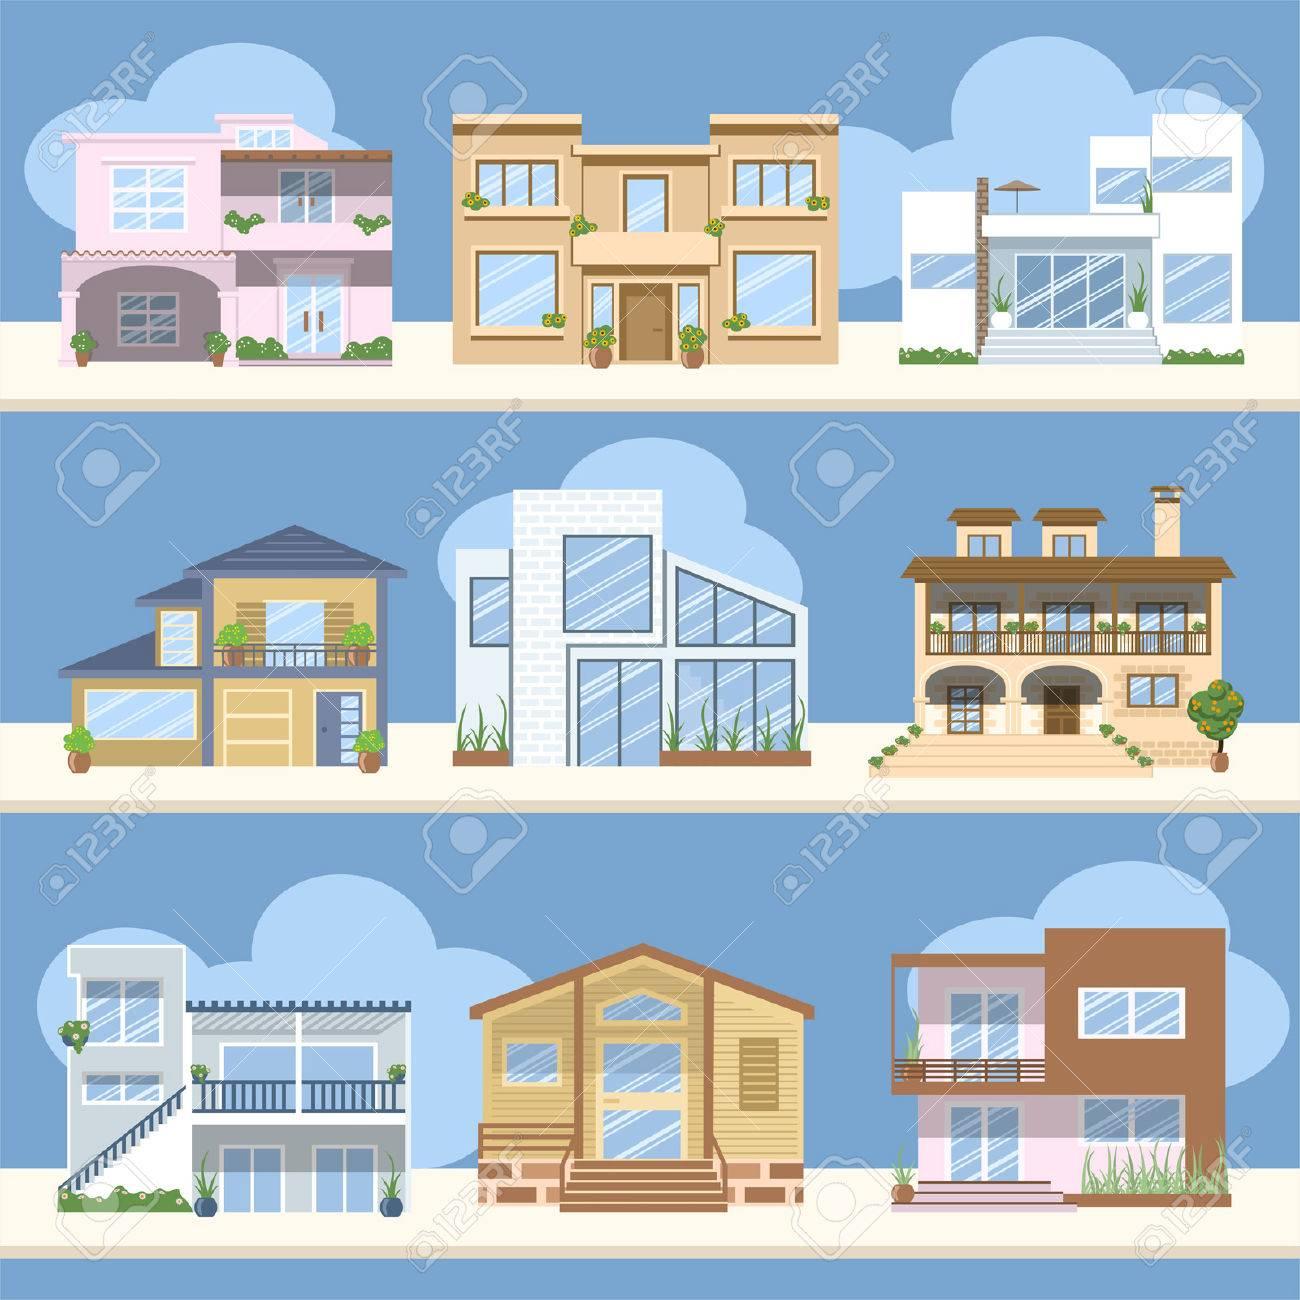 Las casas con hermosos colores y diseños Foto de archivo - 25427362